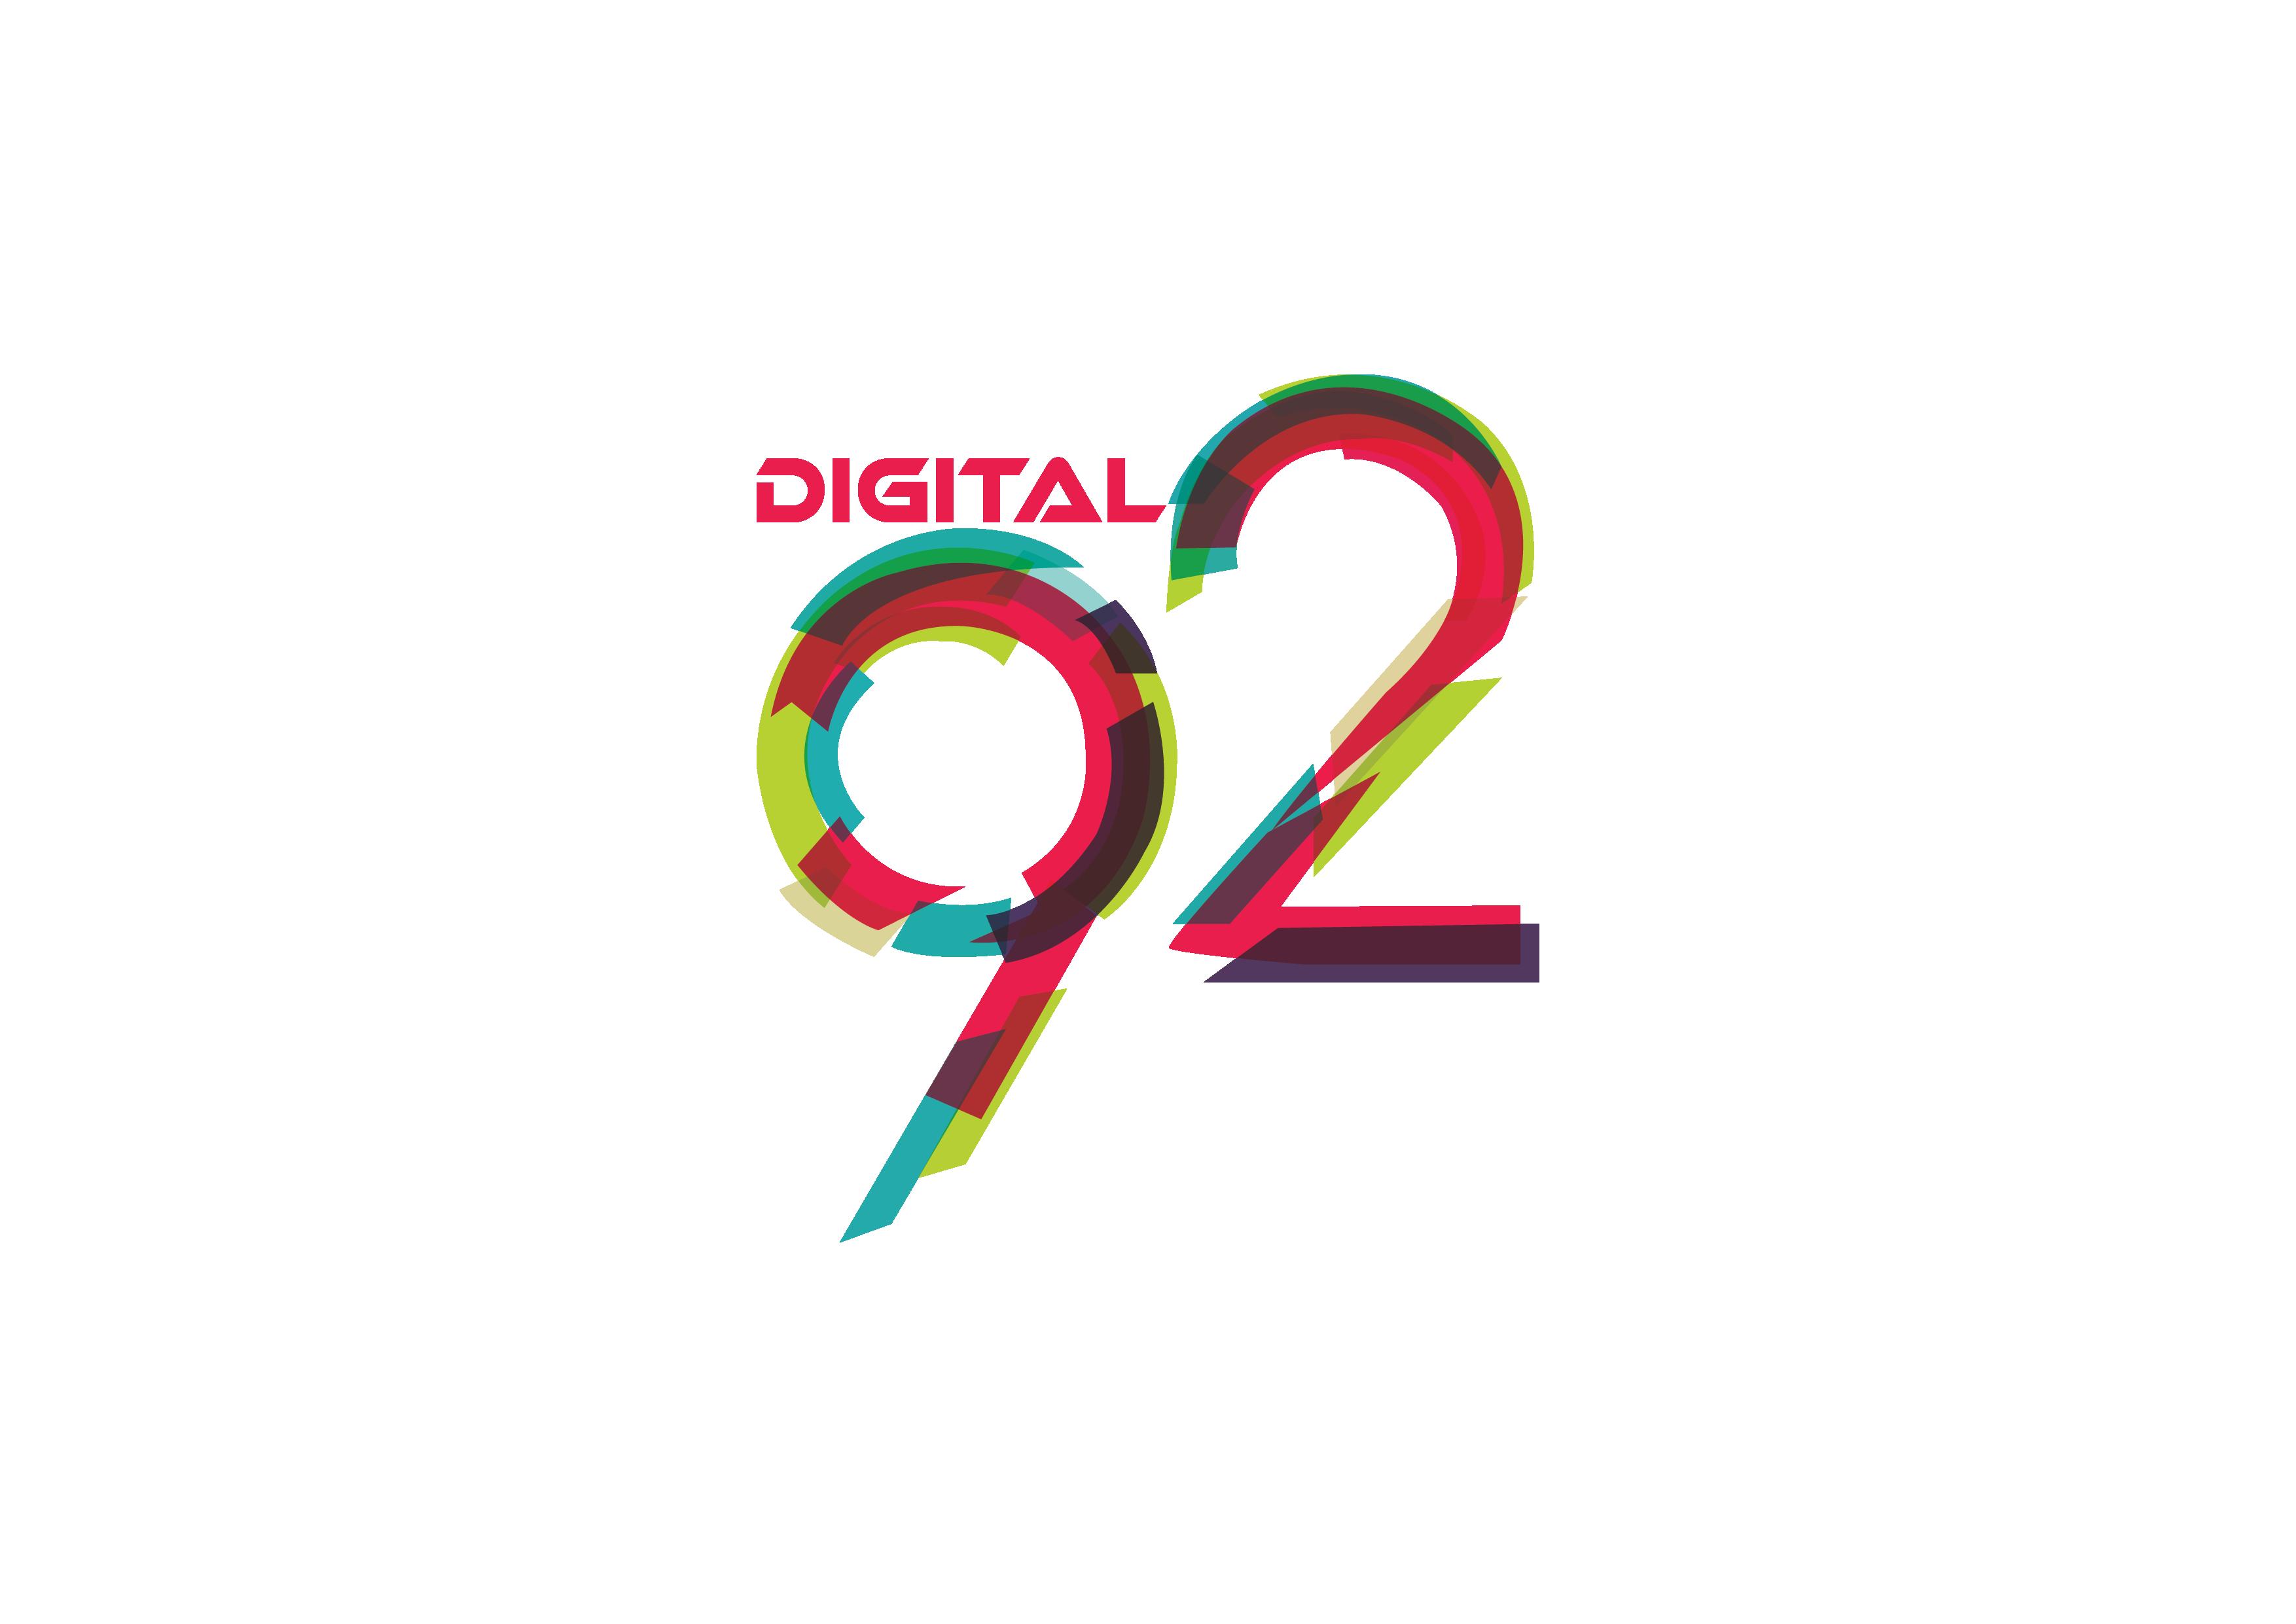 Digital92